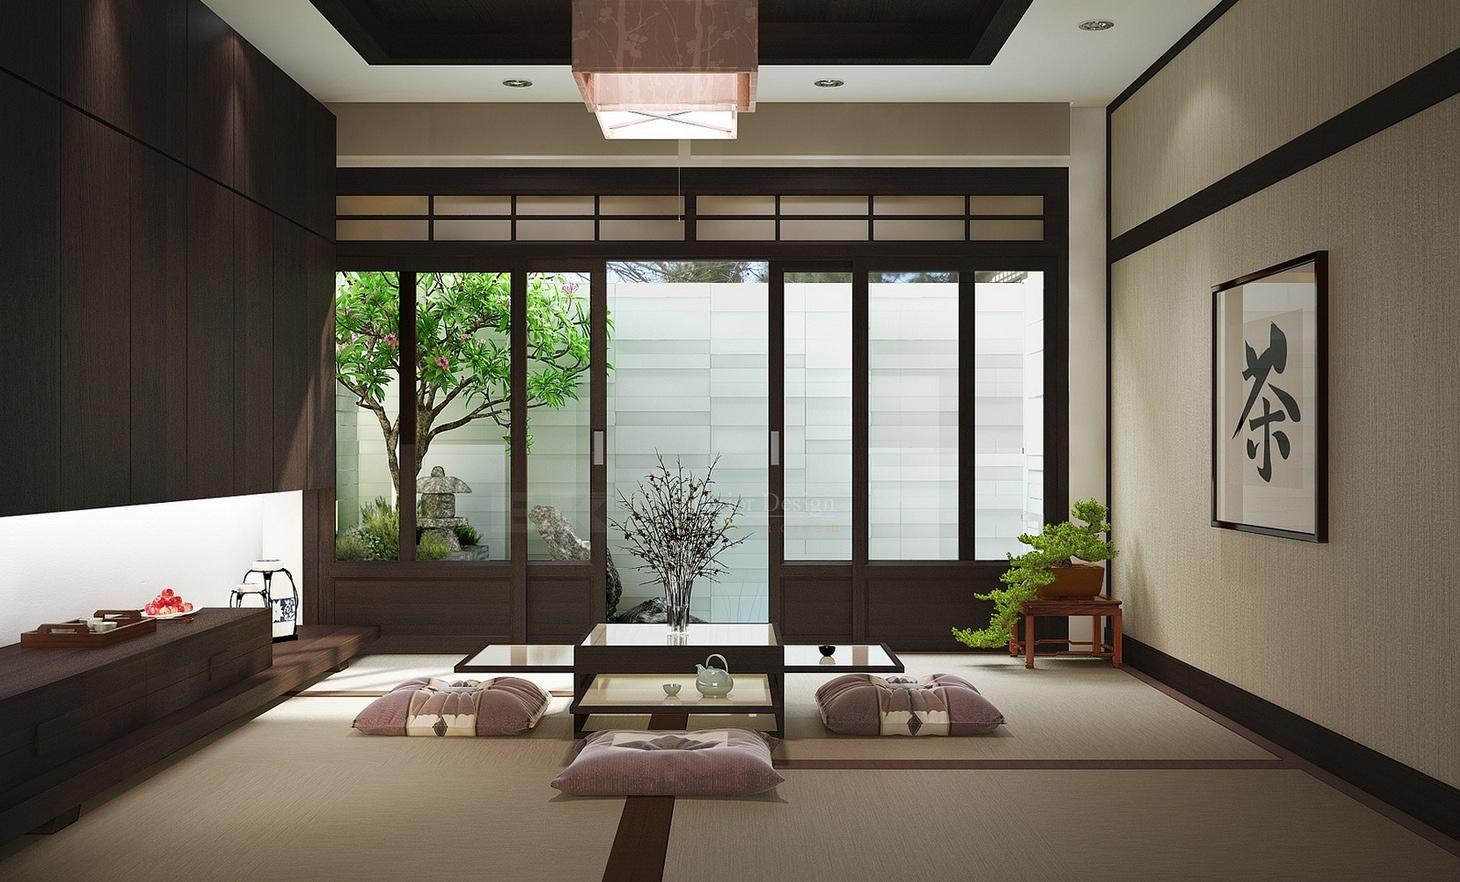 dizajn-interera-kvartiry-v-yaponskom-stile-1